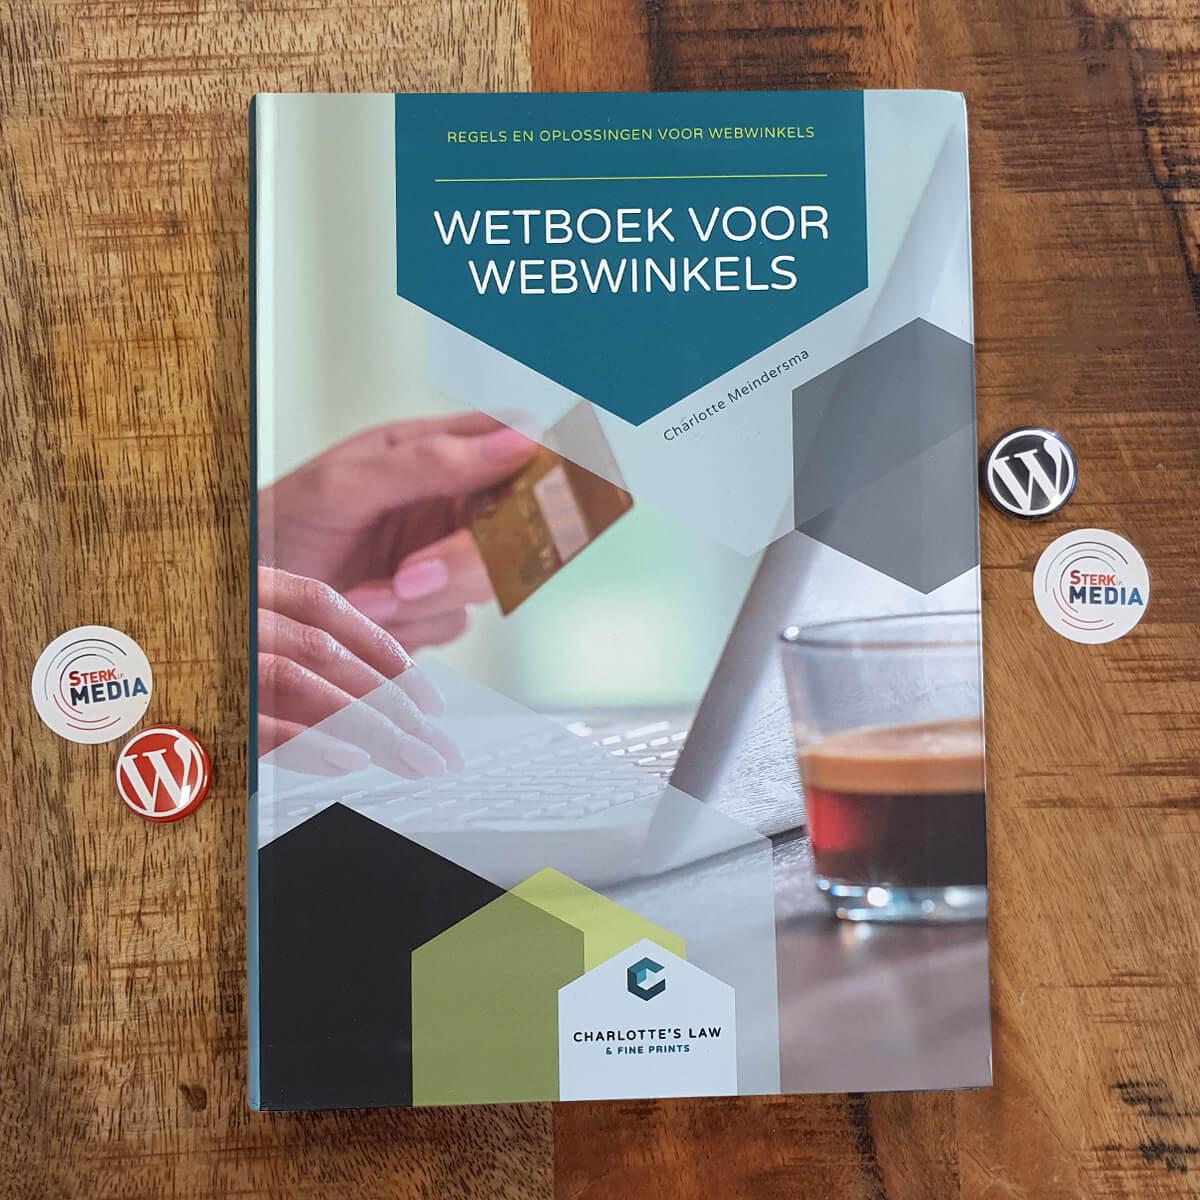 wetboek-voor-webwinkels-marketingboek